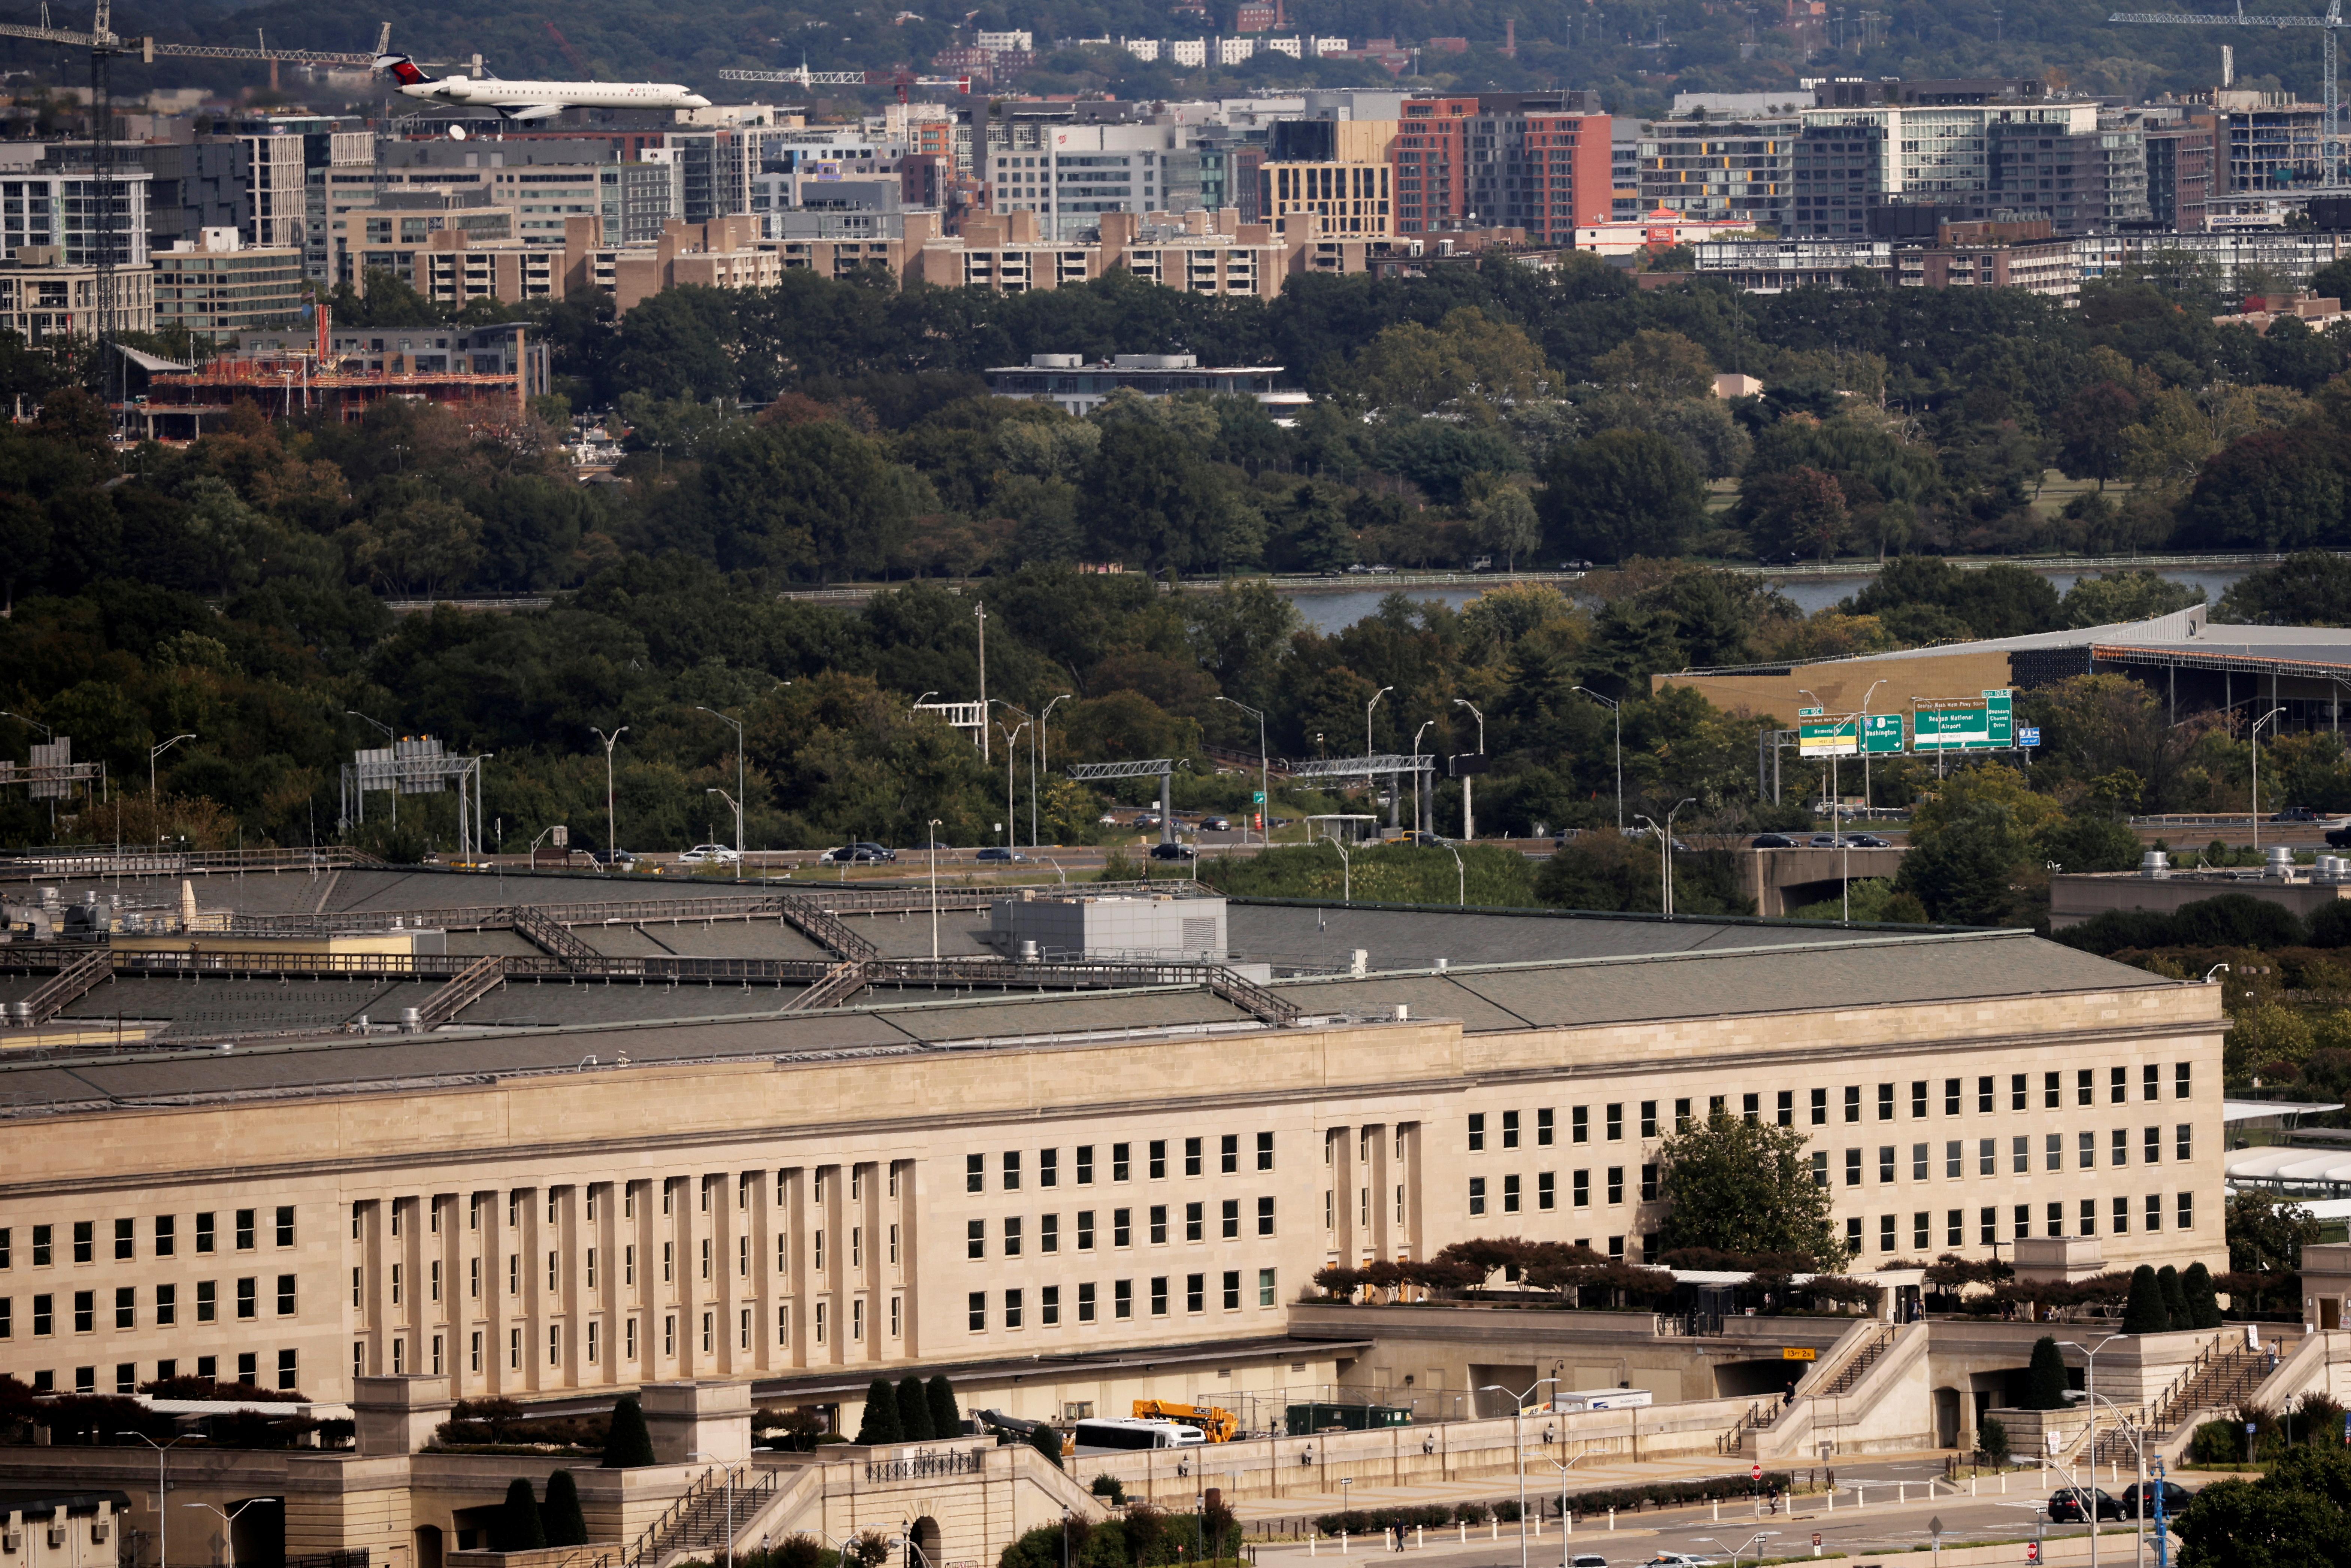 The Pentagon building is seen in Arlington, Virginia, U.S. October 9, 2020. REUTERS/Carlos Barria/File Photo